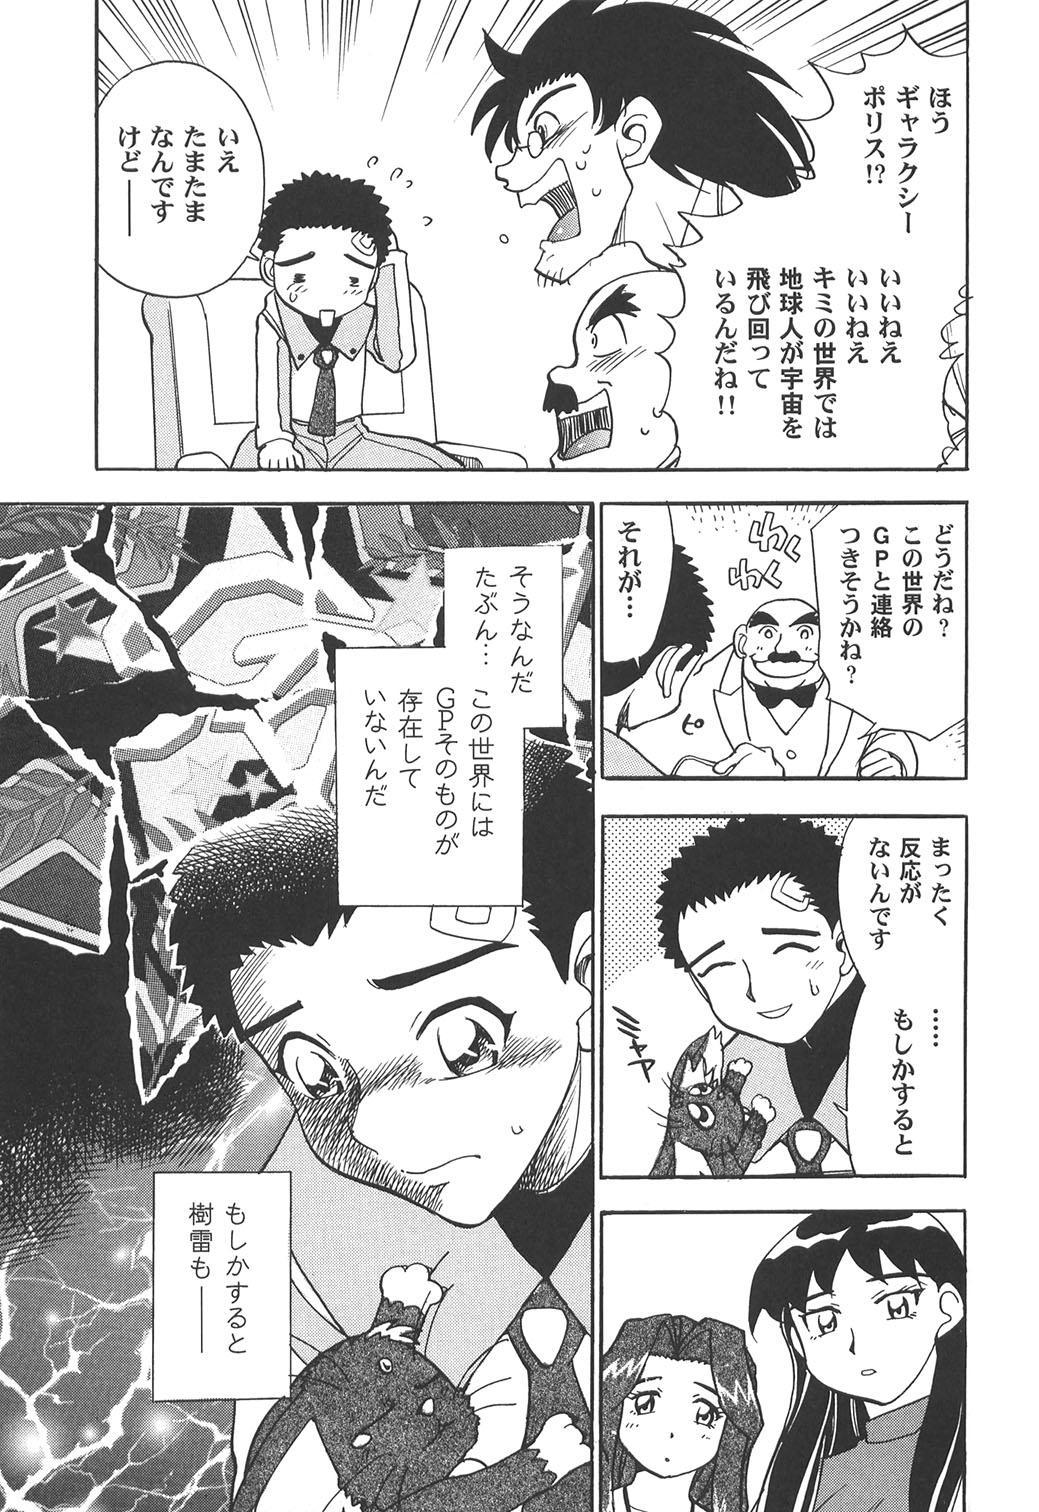 Ianryokou Toujitsu No Yoru 2 22